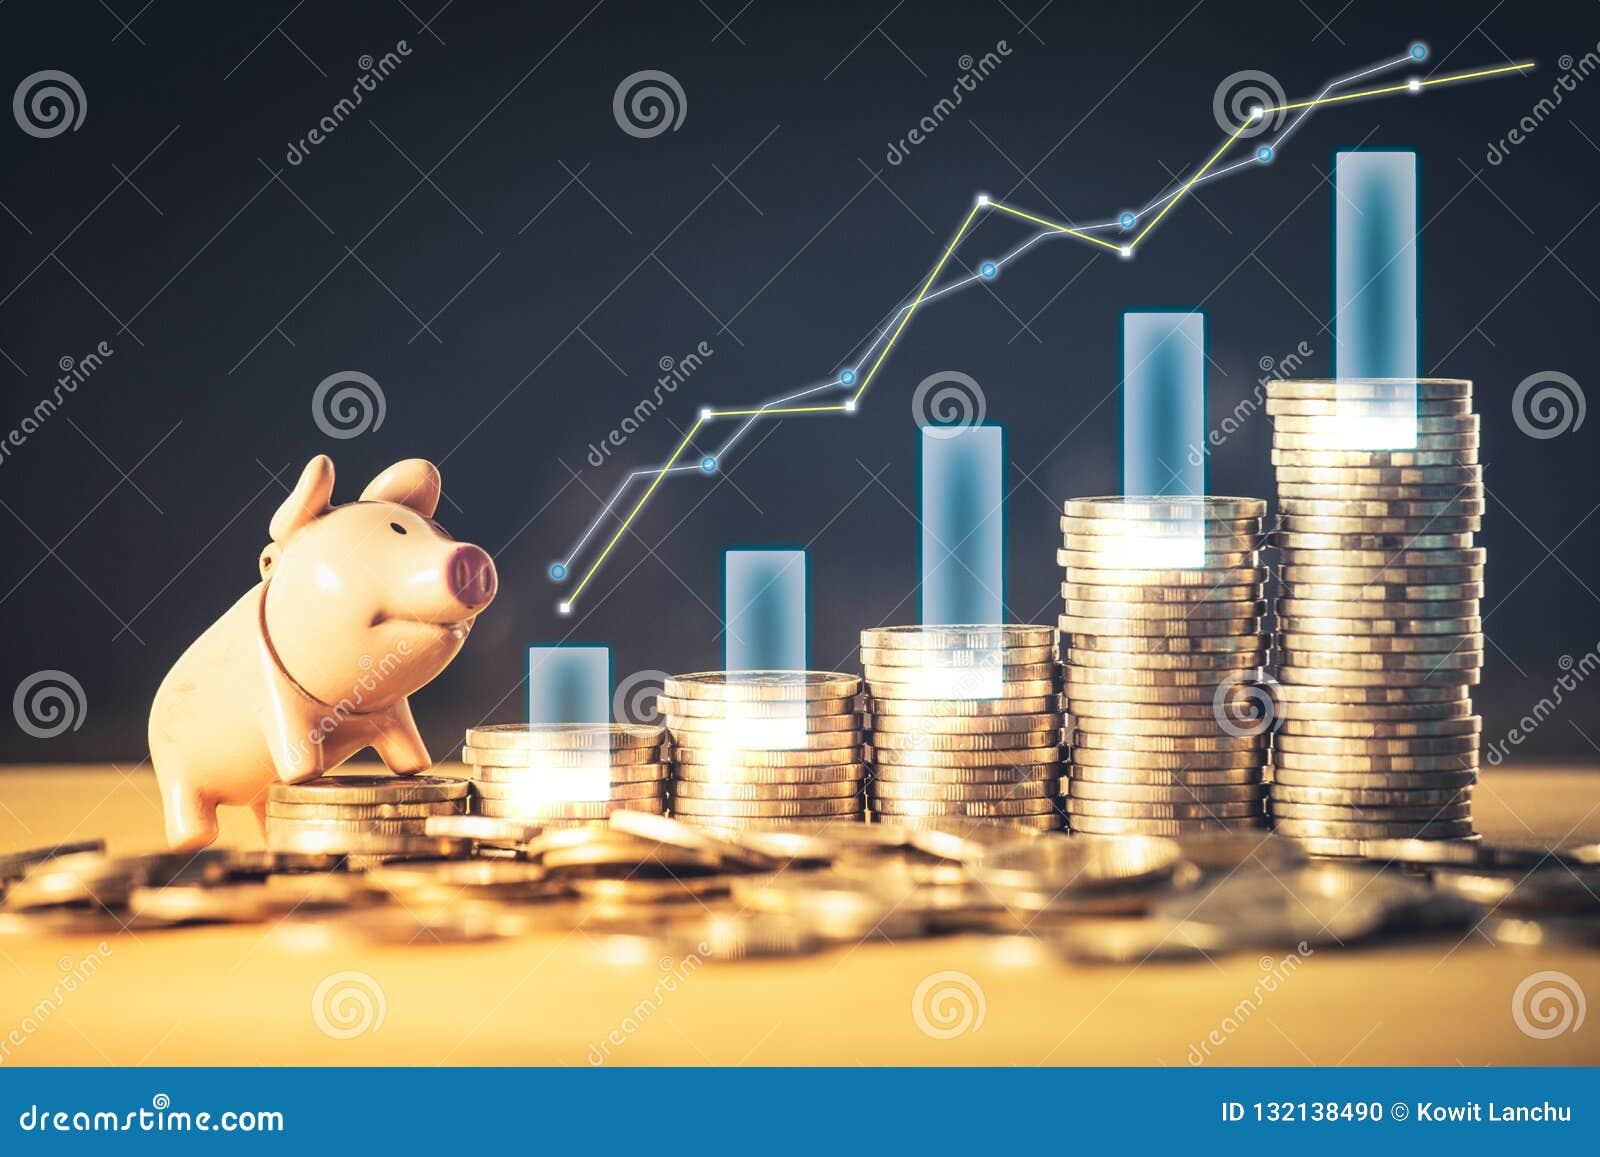 Akcyjnego funduszu lub pieniądze oszczędzania wykres i prosiątko bank na monetach Tło dla biznesowych pomysłów i projekta Mapa dl